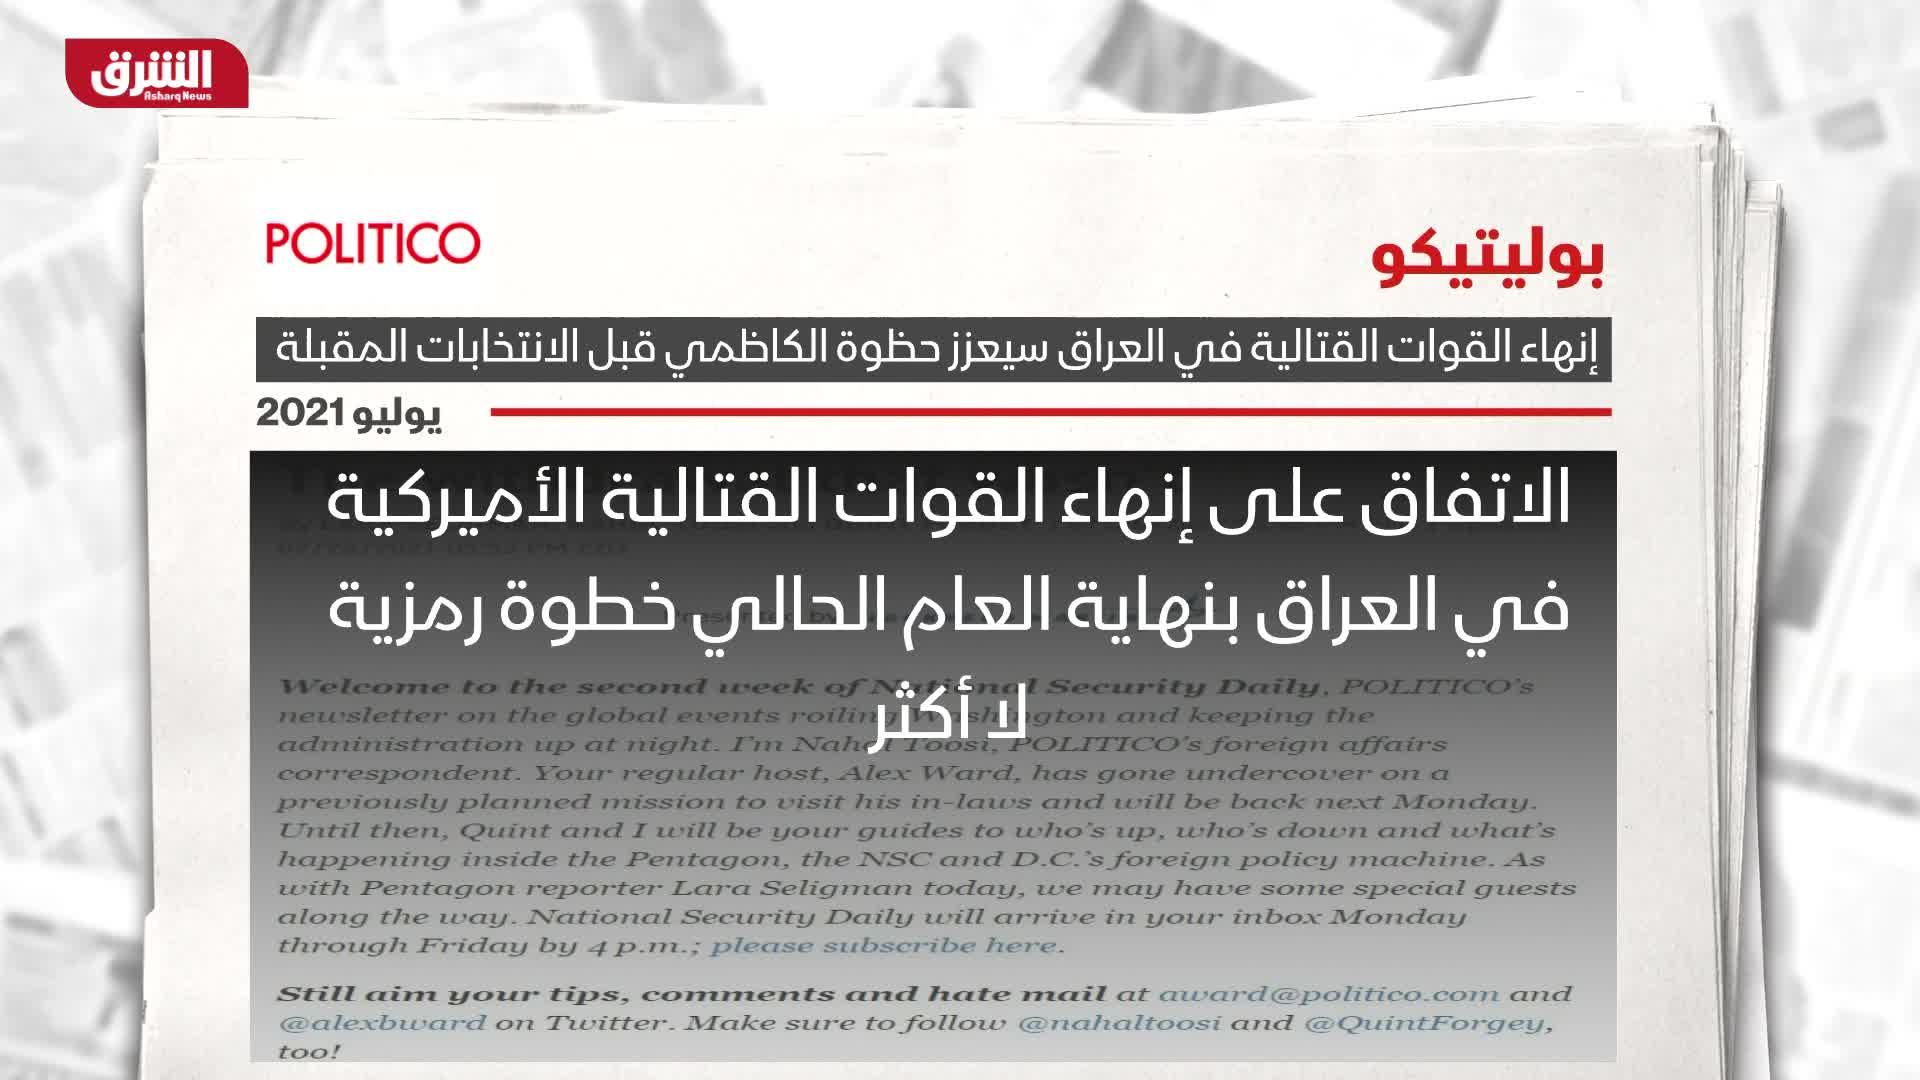 بوليتيكو: إنهاء القوات القتالية في العراق سيعزز حظوة الكاظمي قبل الانتخابات المقبلة